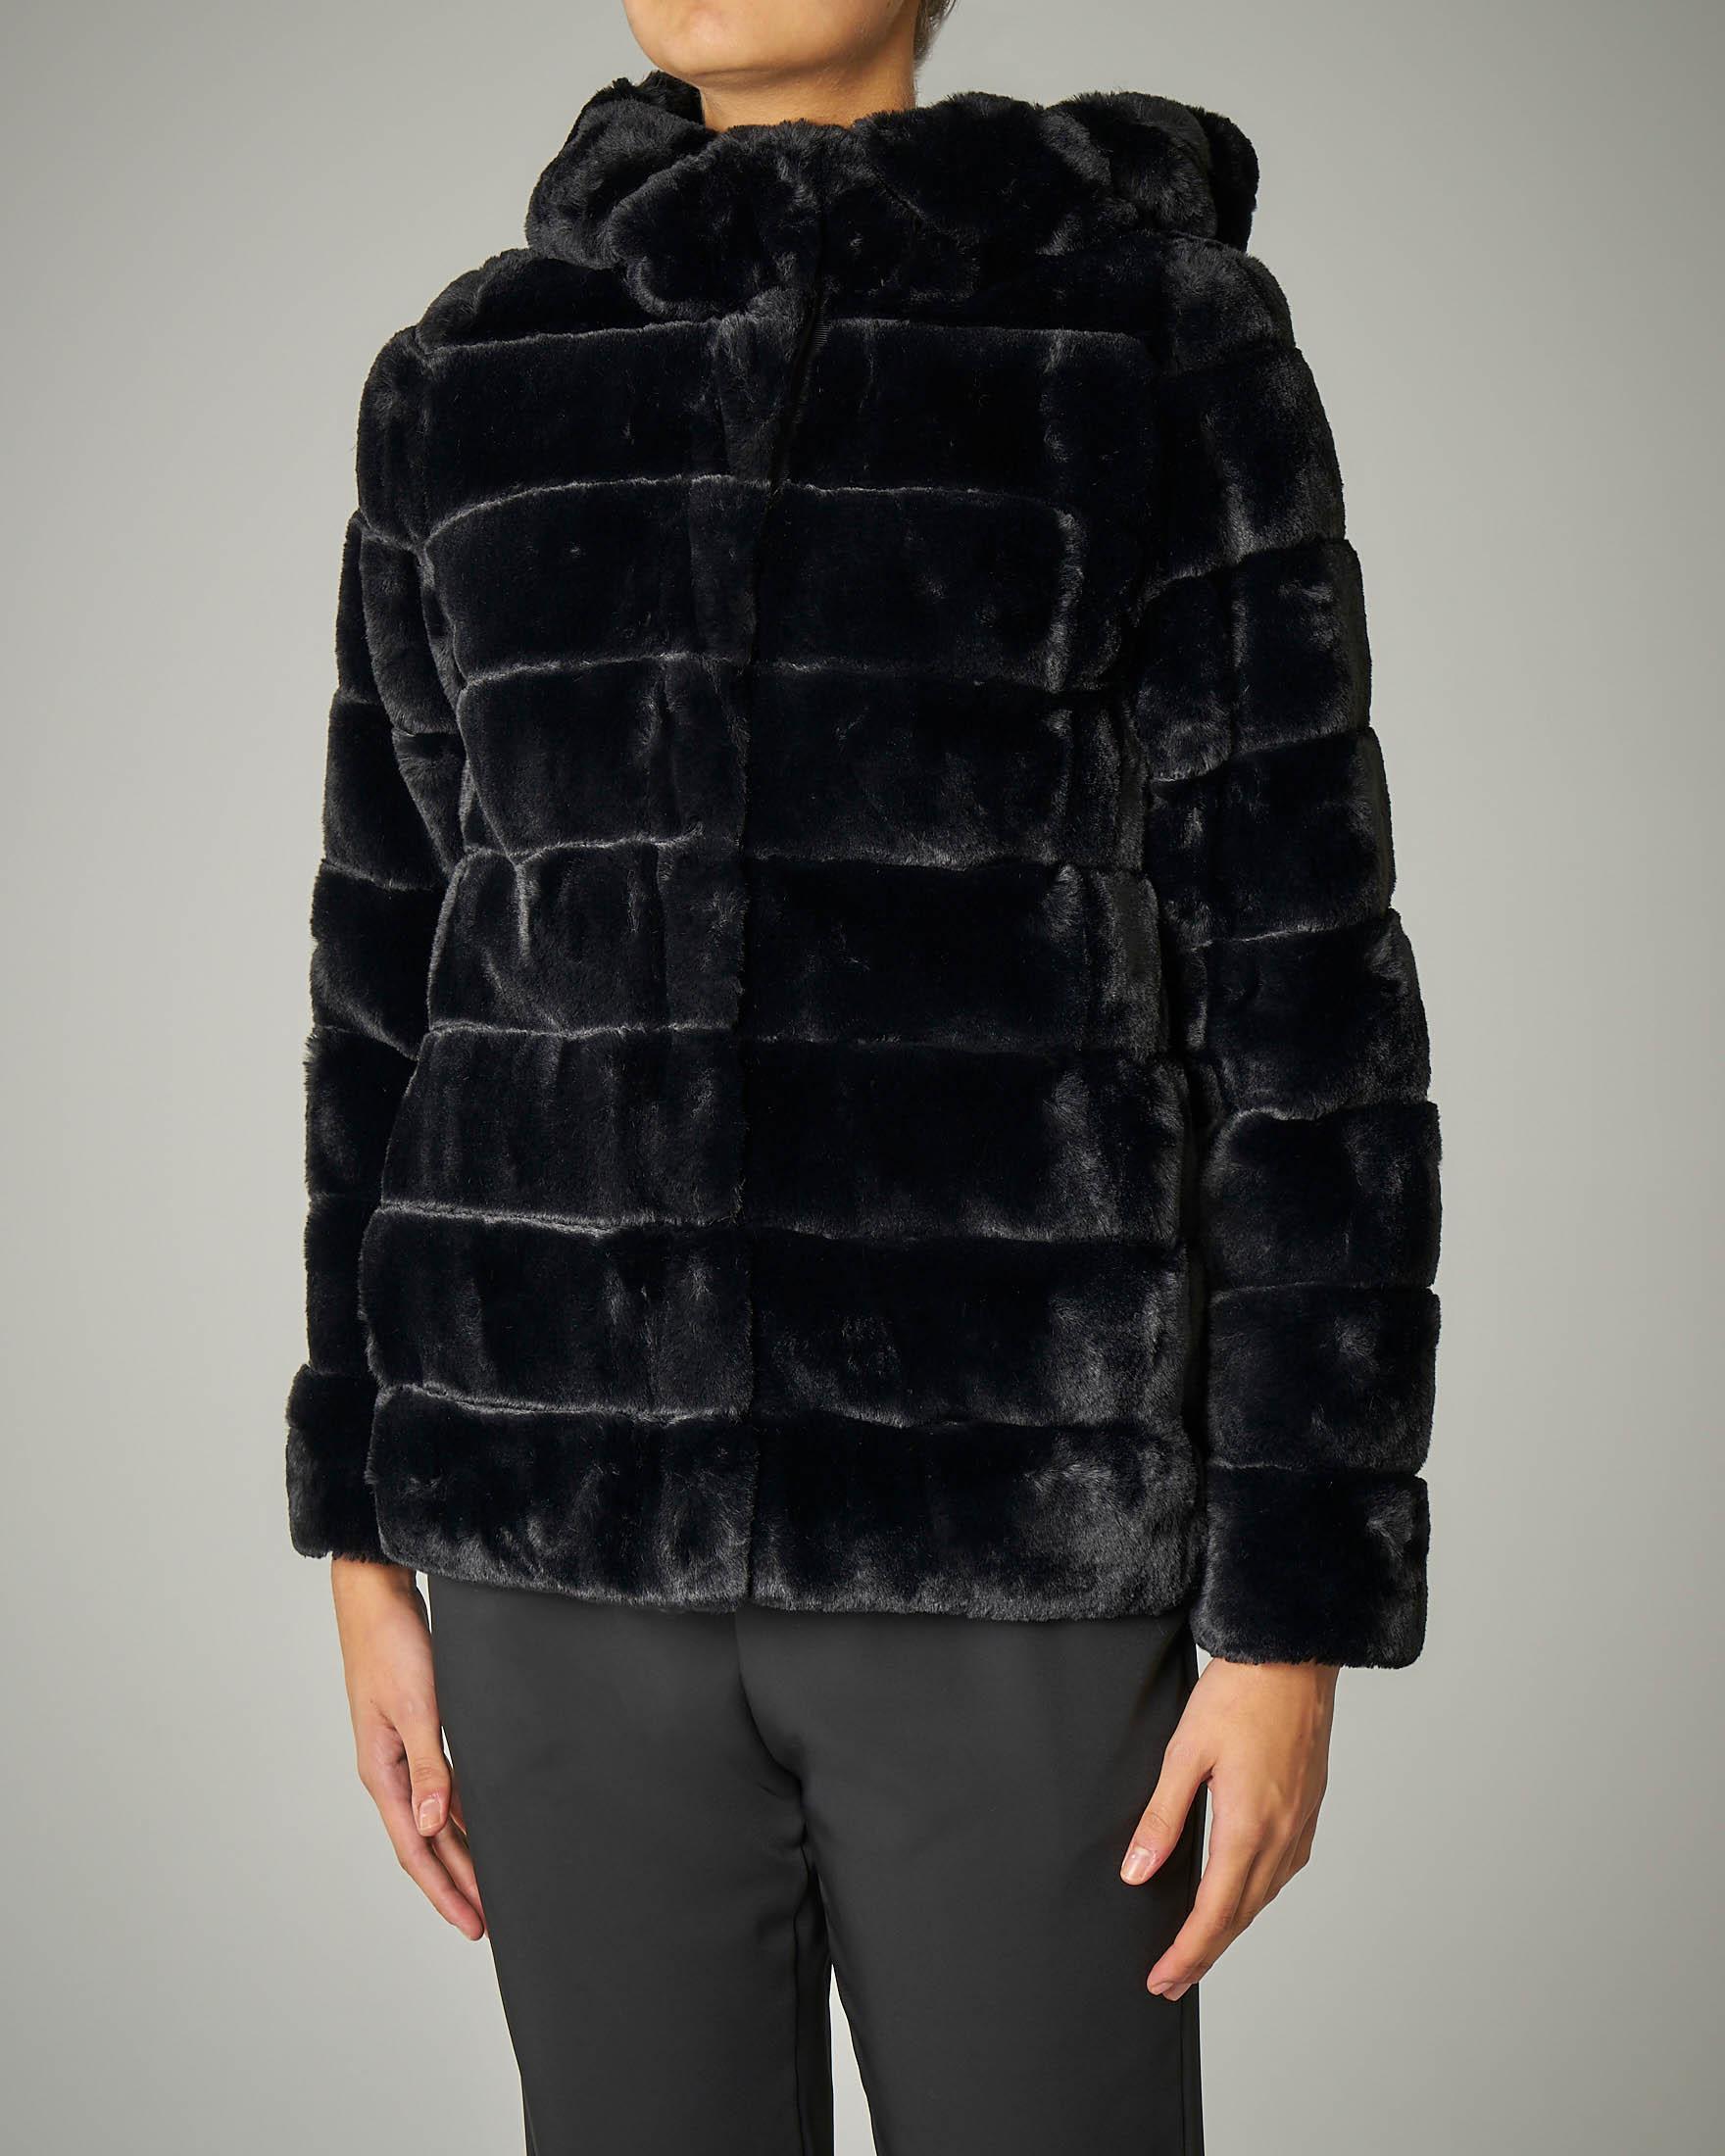 Eco pelliccia corta nera con cappuccio